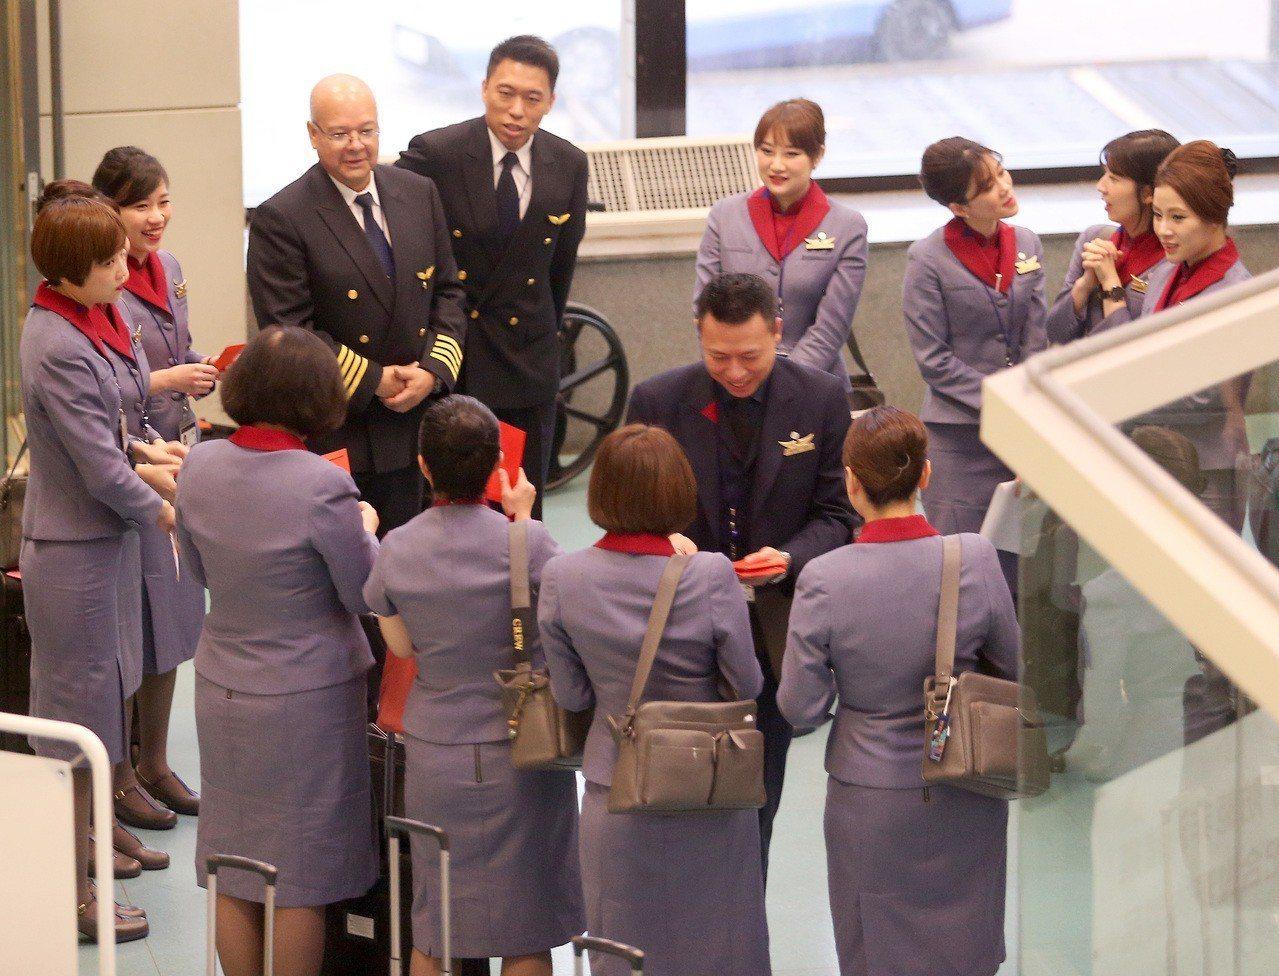 中華航空公司部分機師罷工爭權益進入第六天,堅守崗位的機師仍舊值勤疏運旅客。圖為一...